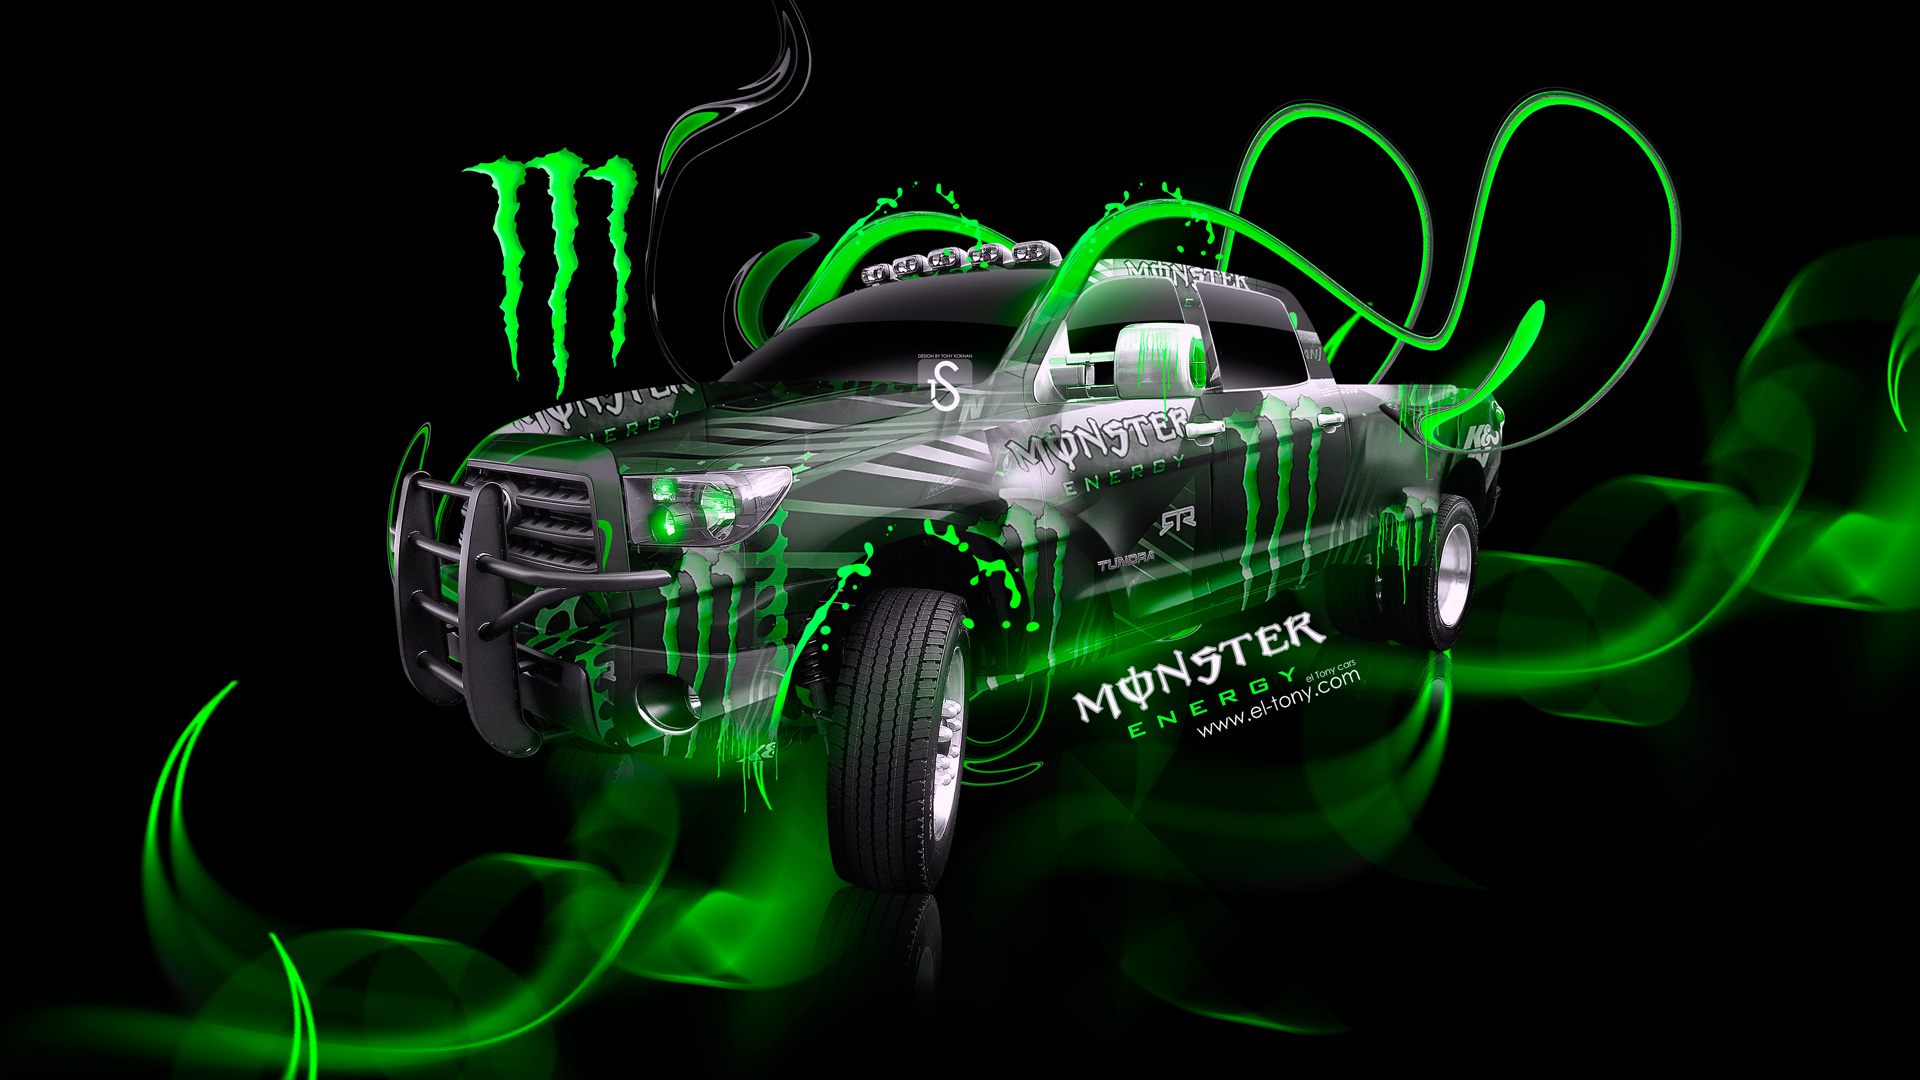 2015 monster energy toyota altezza jdm plastic car 2014 monster energy 1920x1080